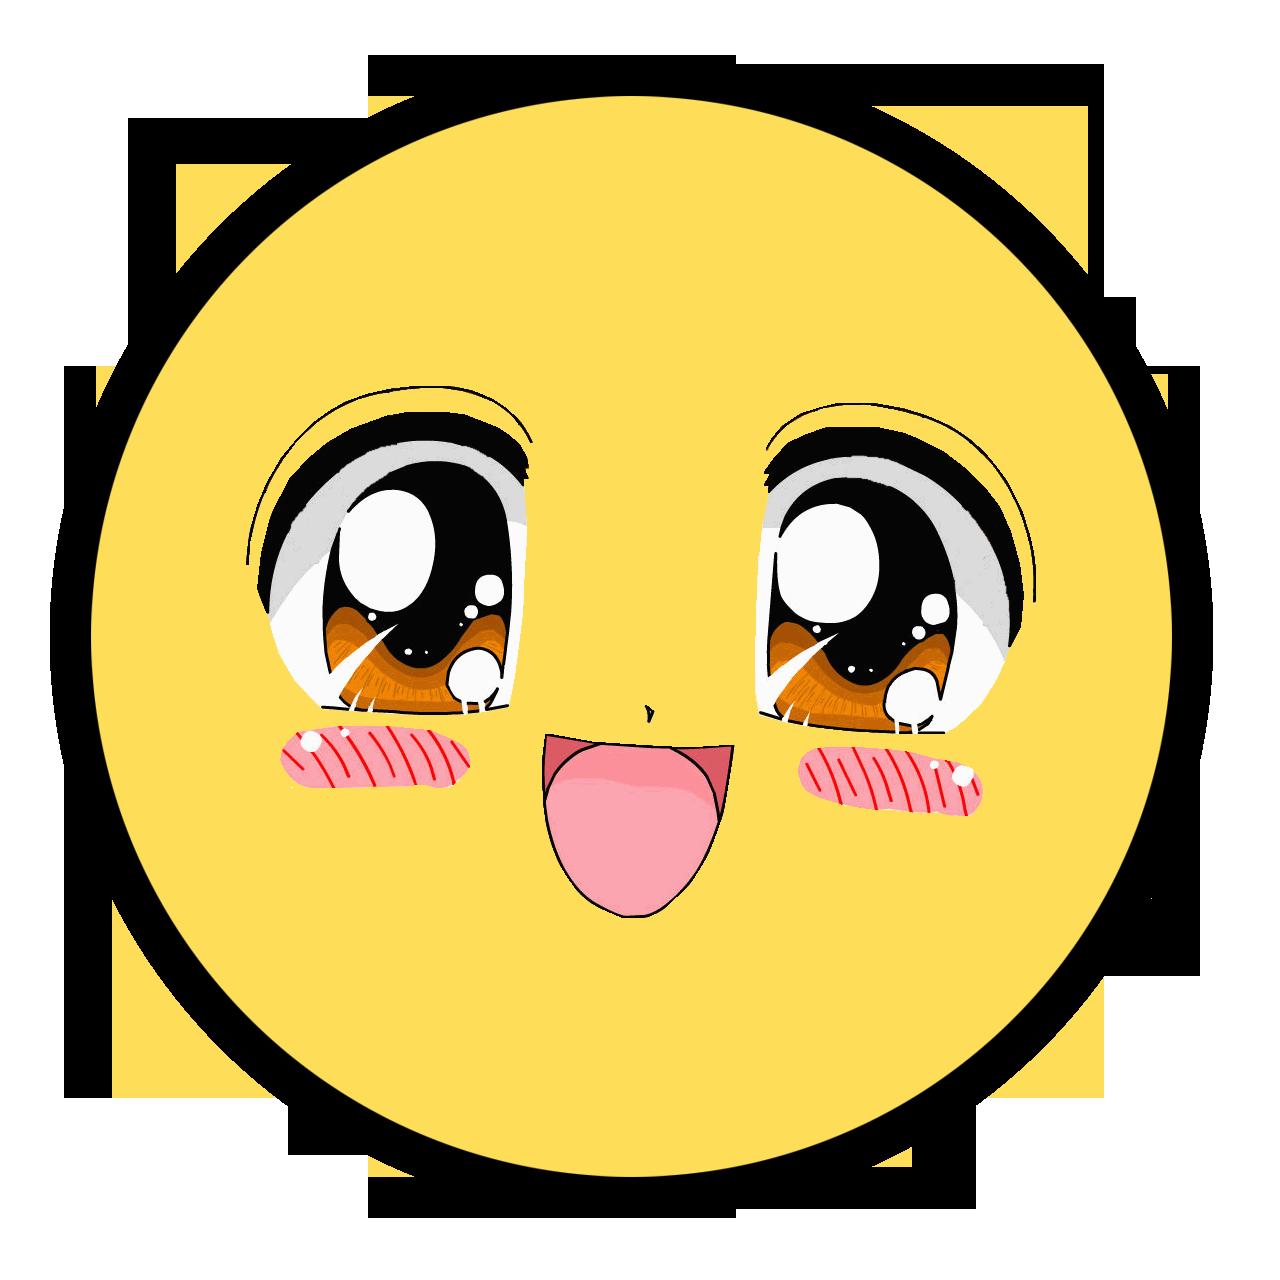 anime face Smiley, Smiley face, Happy face